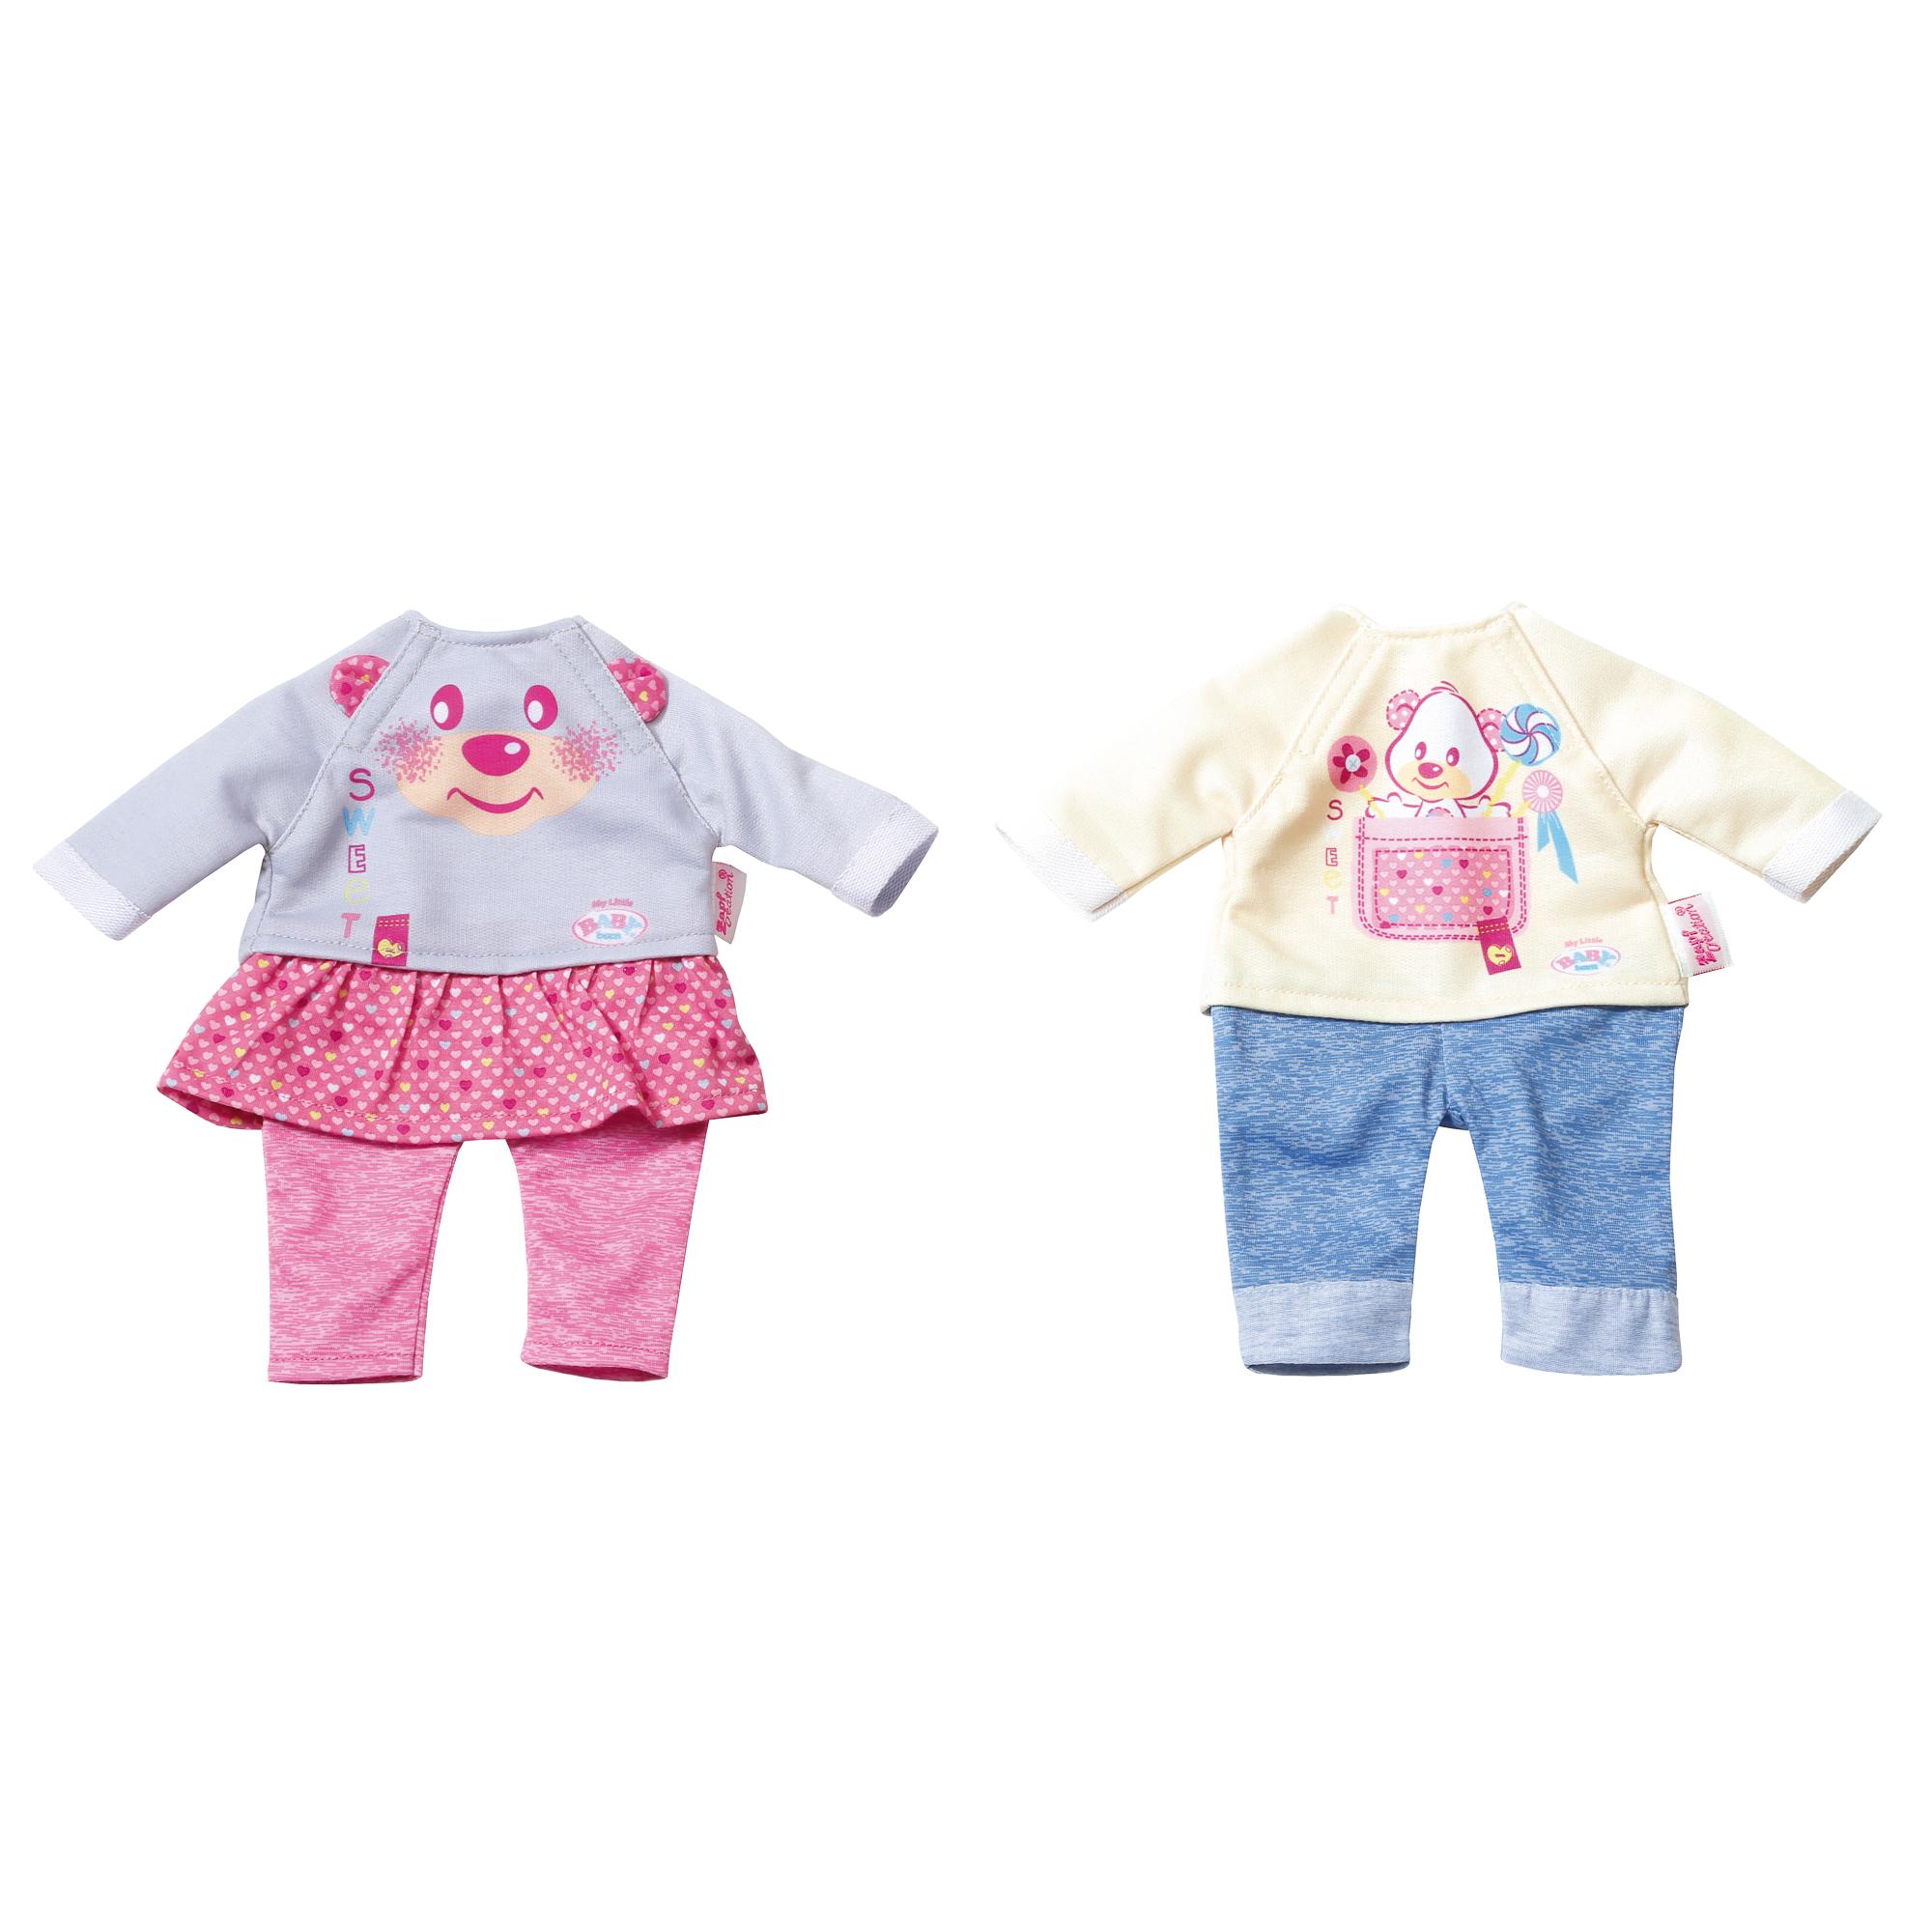 Купить Набор кукольной одежды для дома My Little Baby Born 32 см Zapf Creation, Китай, Кукольные аксессуары